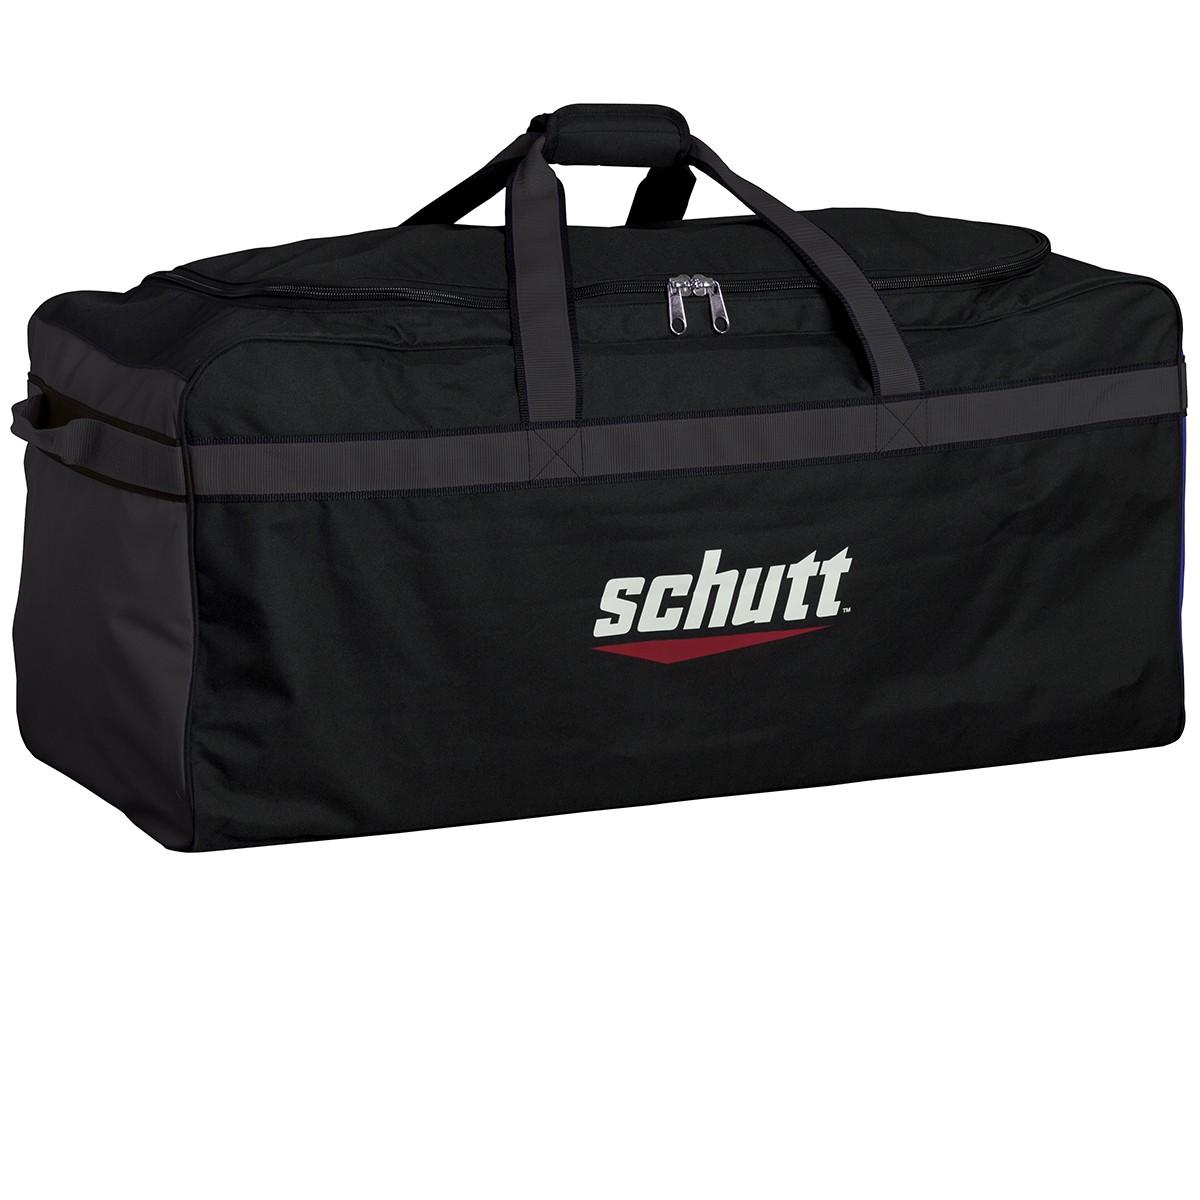 a9c7c090c9c6 Schutt 12845506 Team Equipment Bag